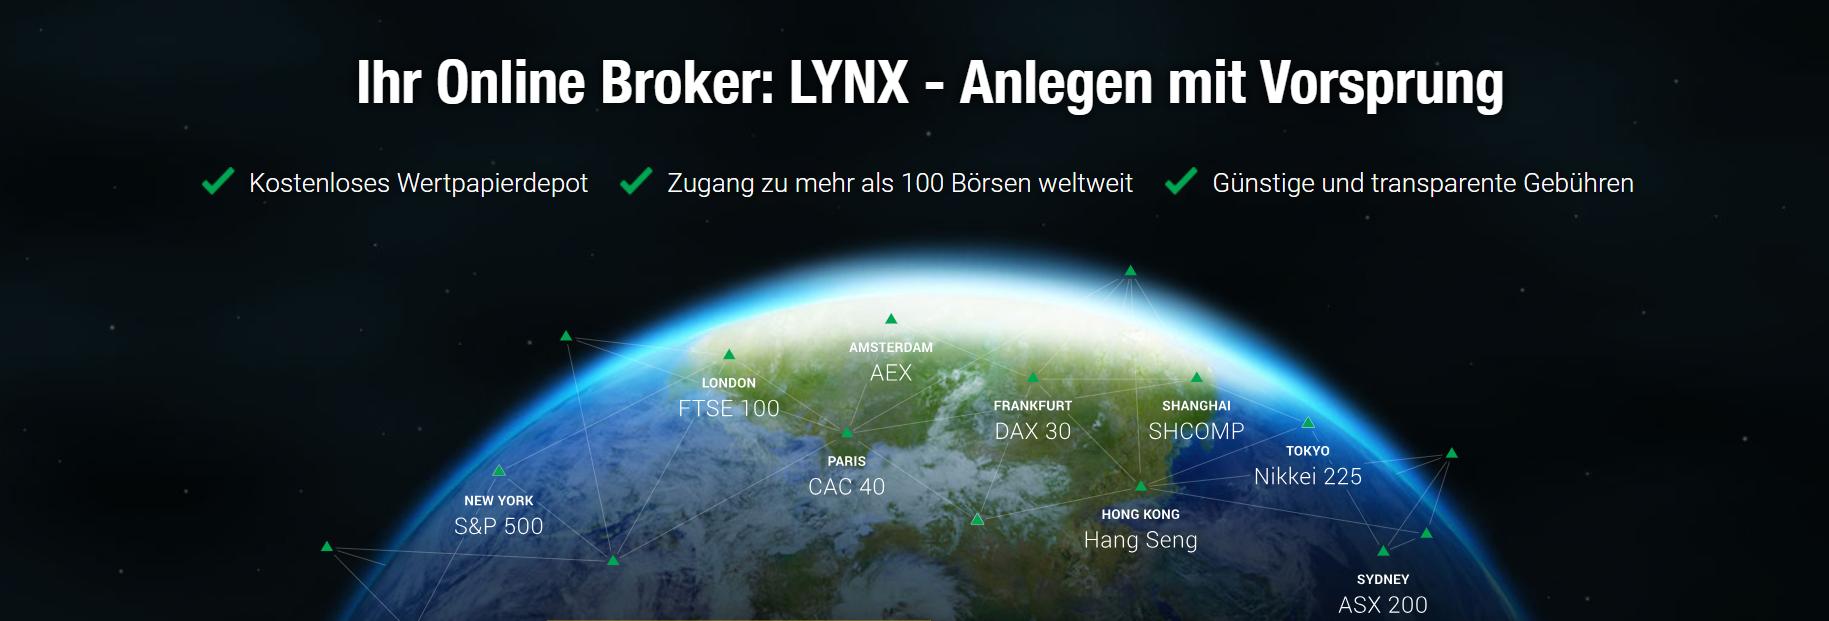 Die Vorteile des LYNX Online Brokers